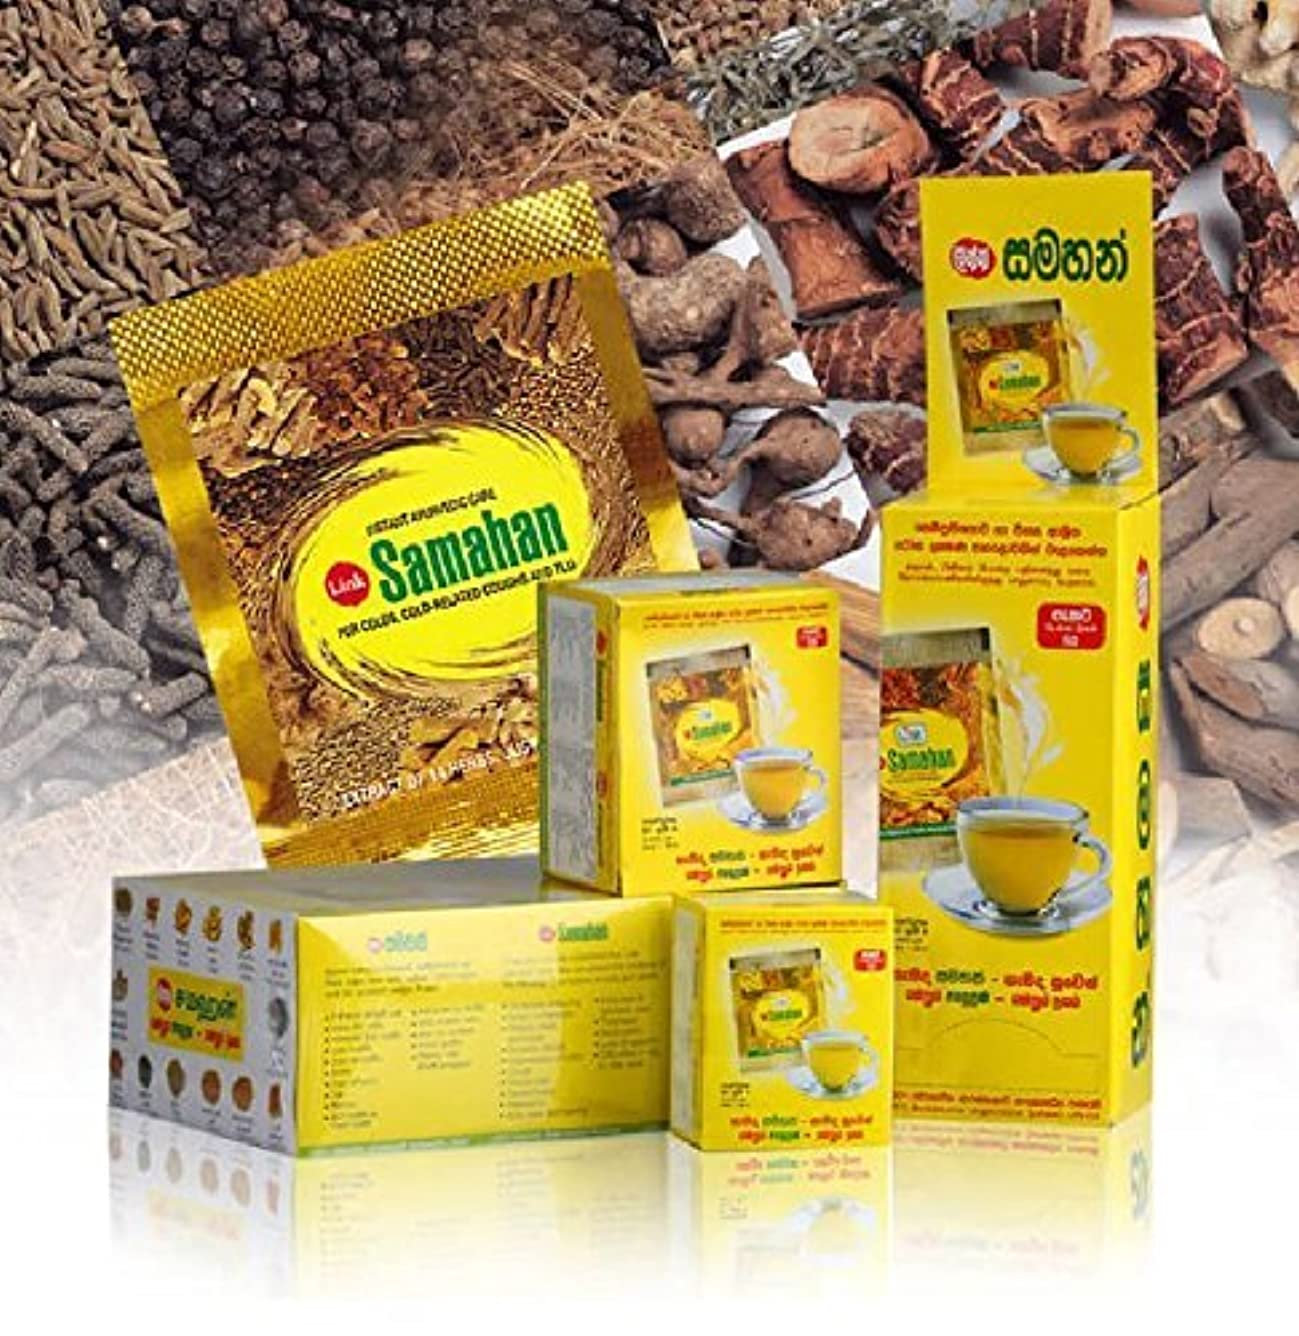 発送中止します部族25 Packs Link Samahan Ayurvedic Herbal Tea Packets by link natural